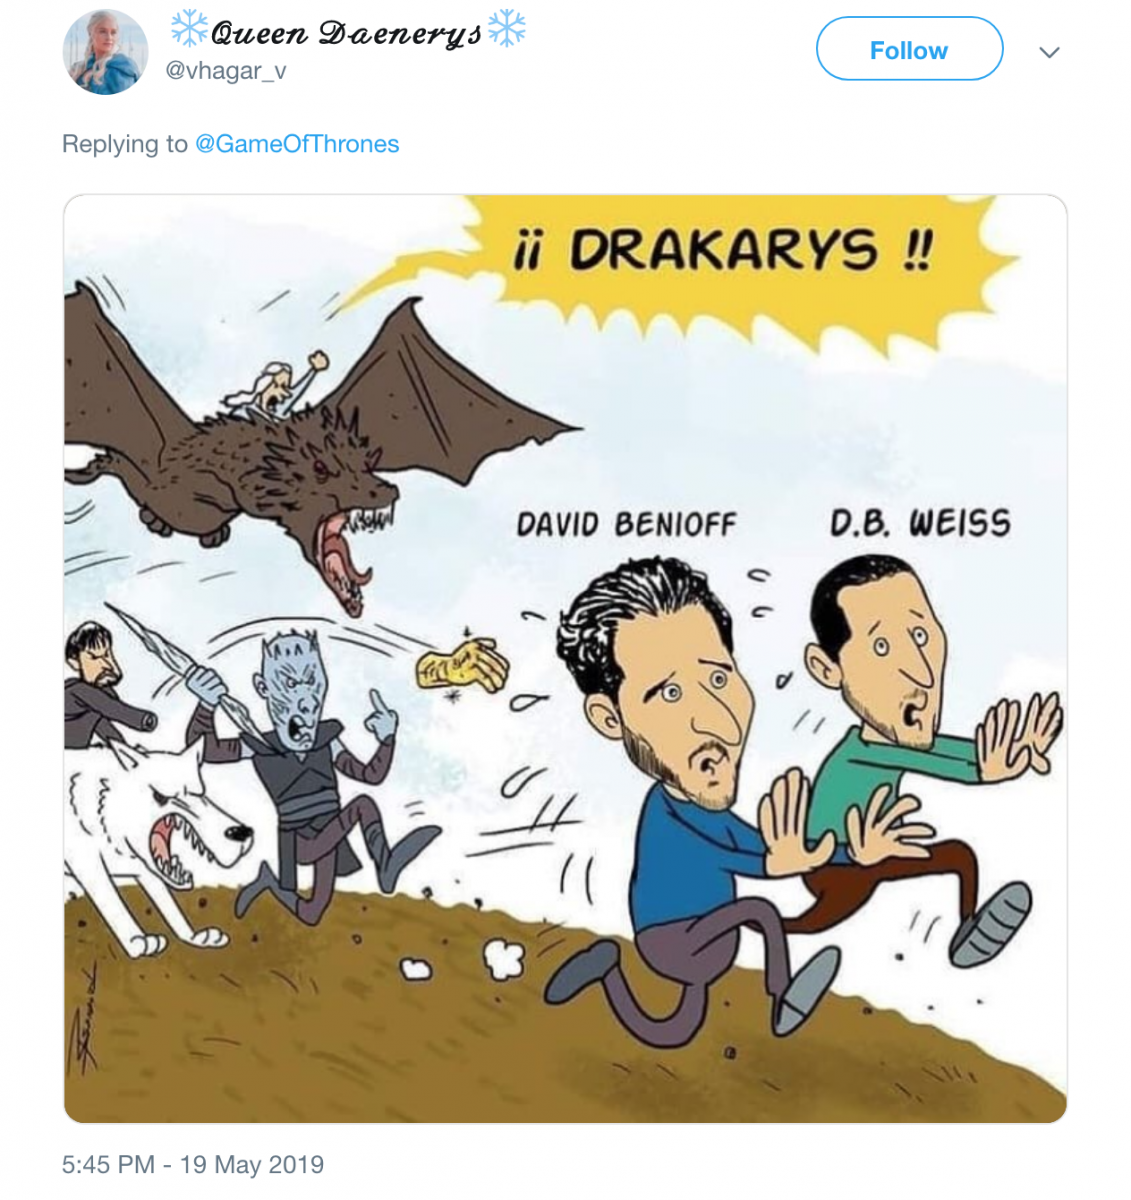 Game of Thrones tweet